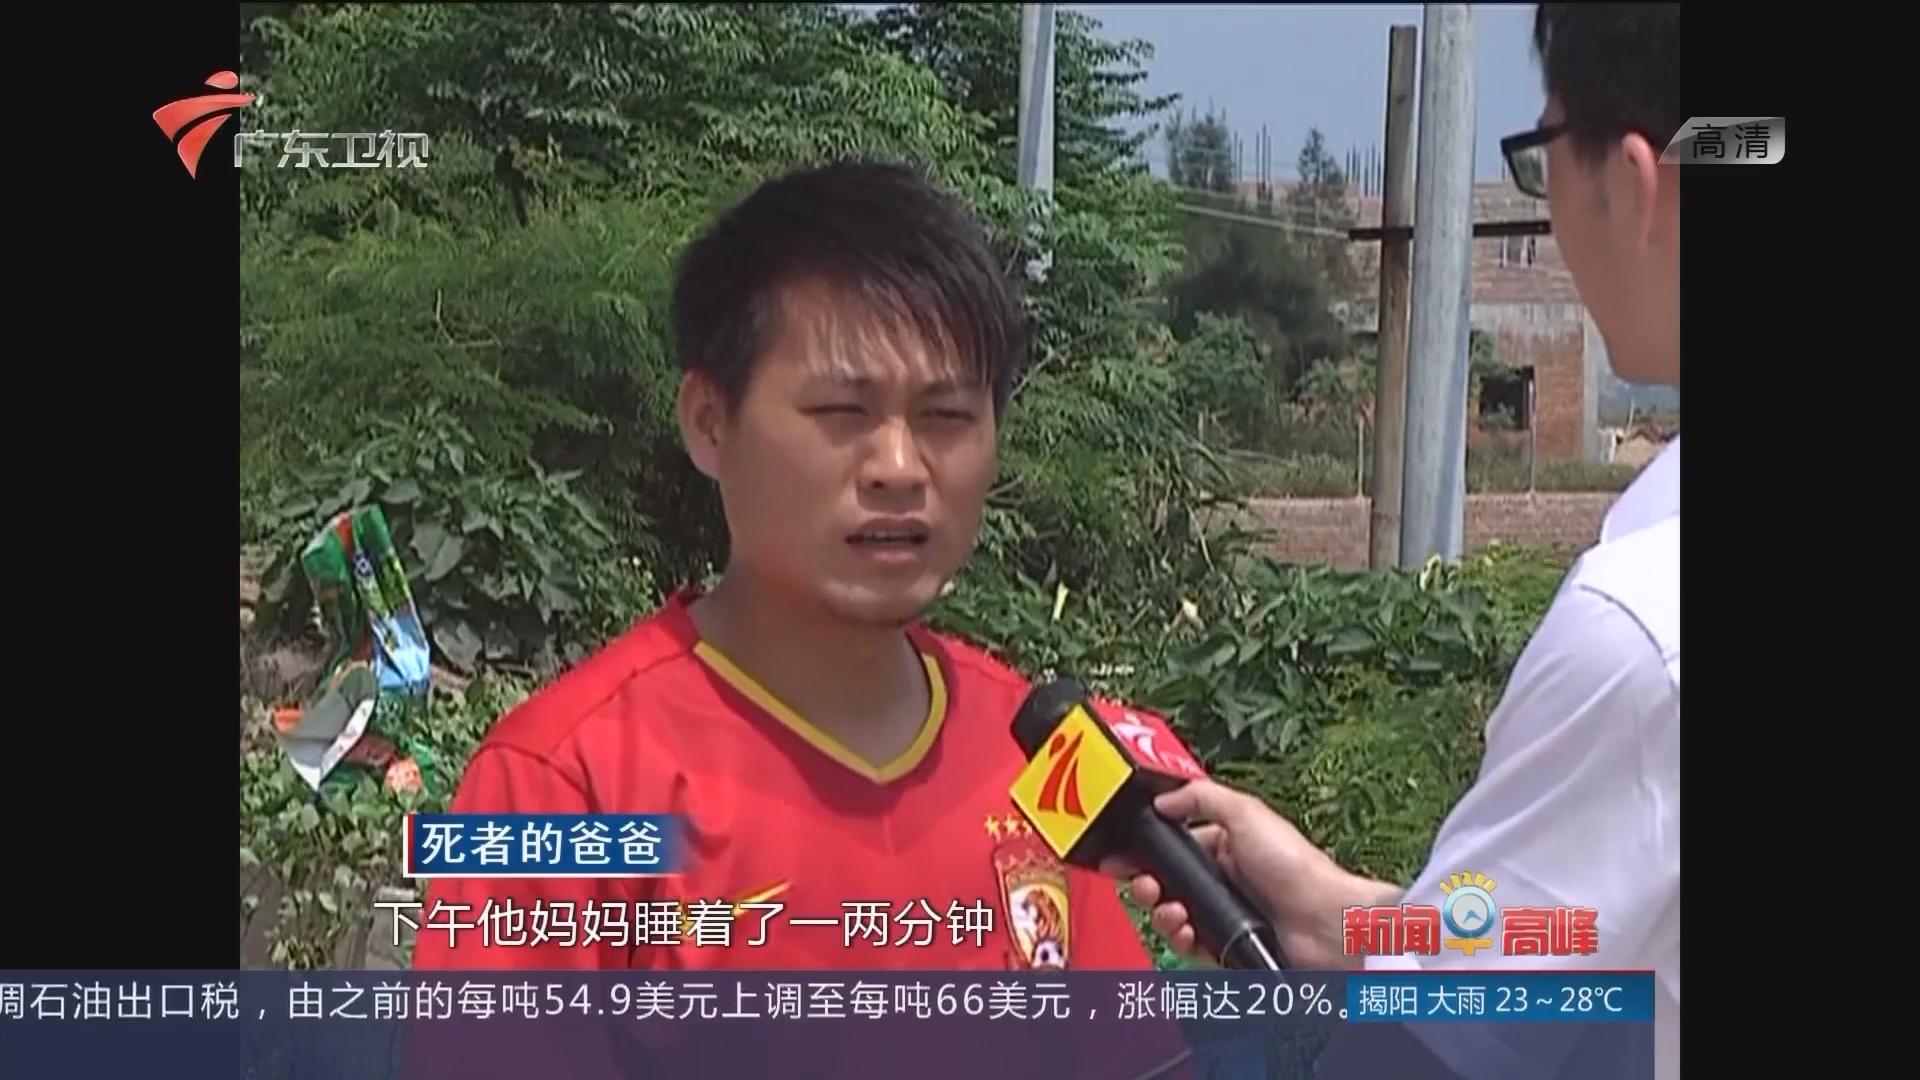 湛江吴川:2名男童偷溜到虾塘玩耍 不幸溺亡